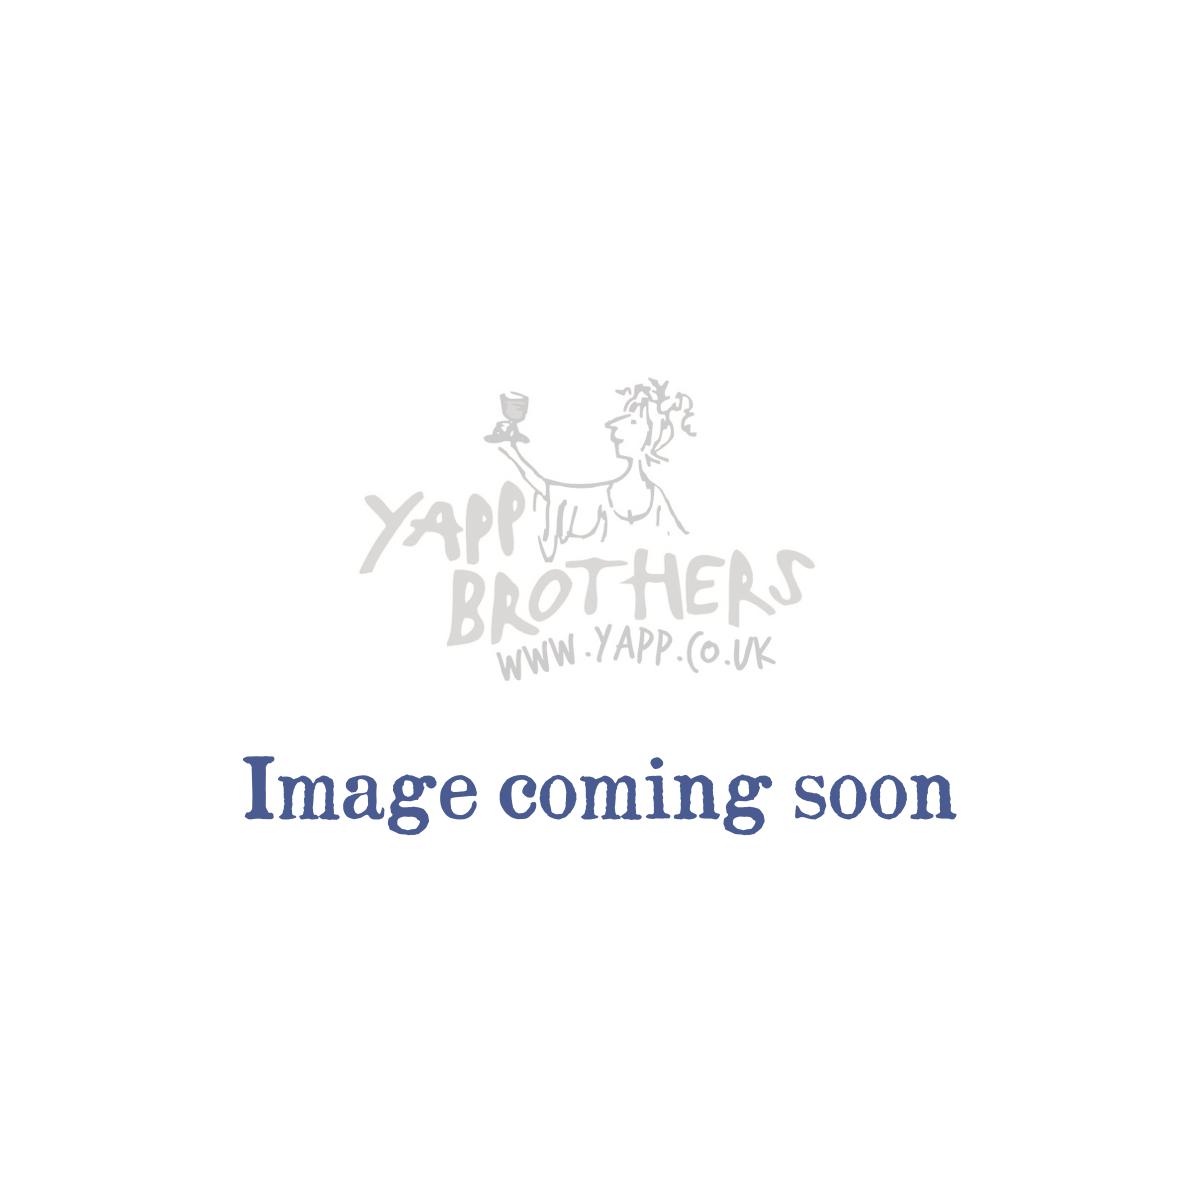 Château Simone Blanc 2018 - Bottle Rear Label